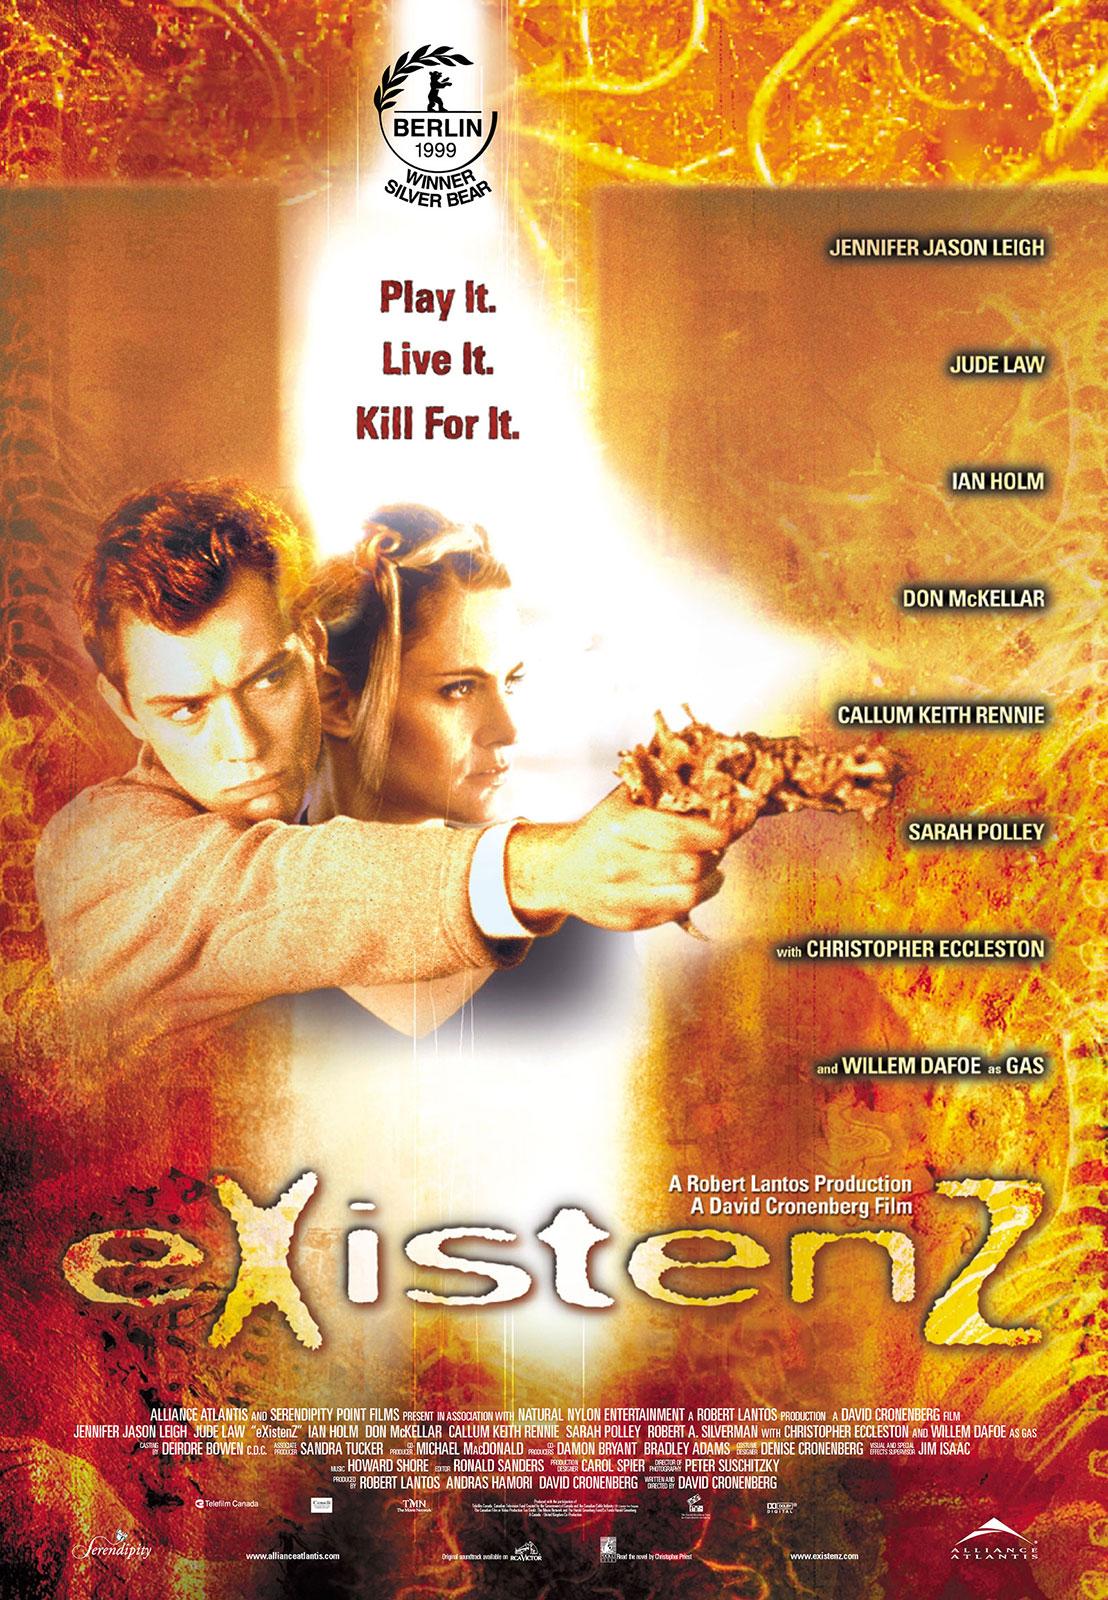 ดูหนังออนไลน์ eXistenZ (1999)